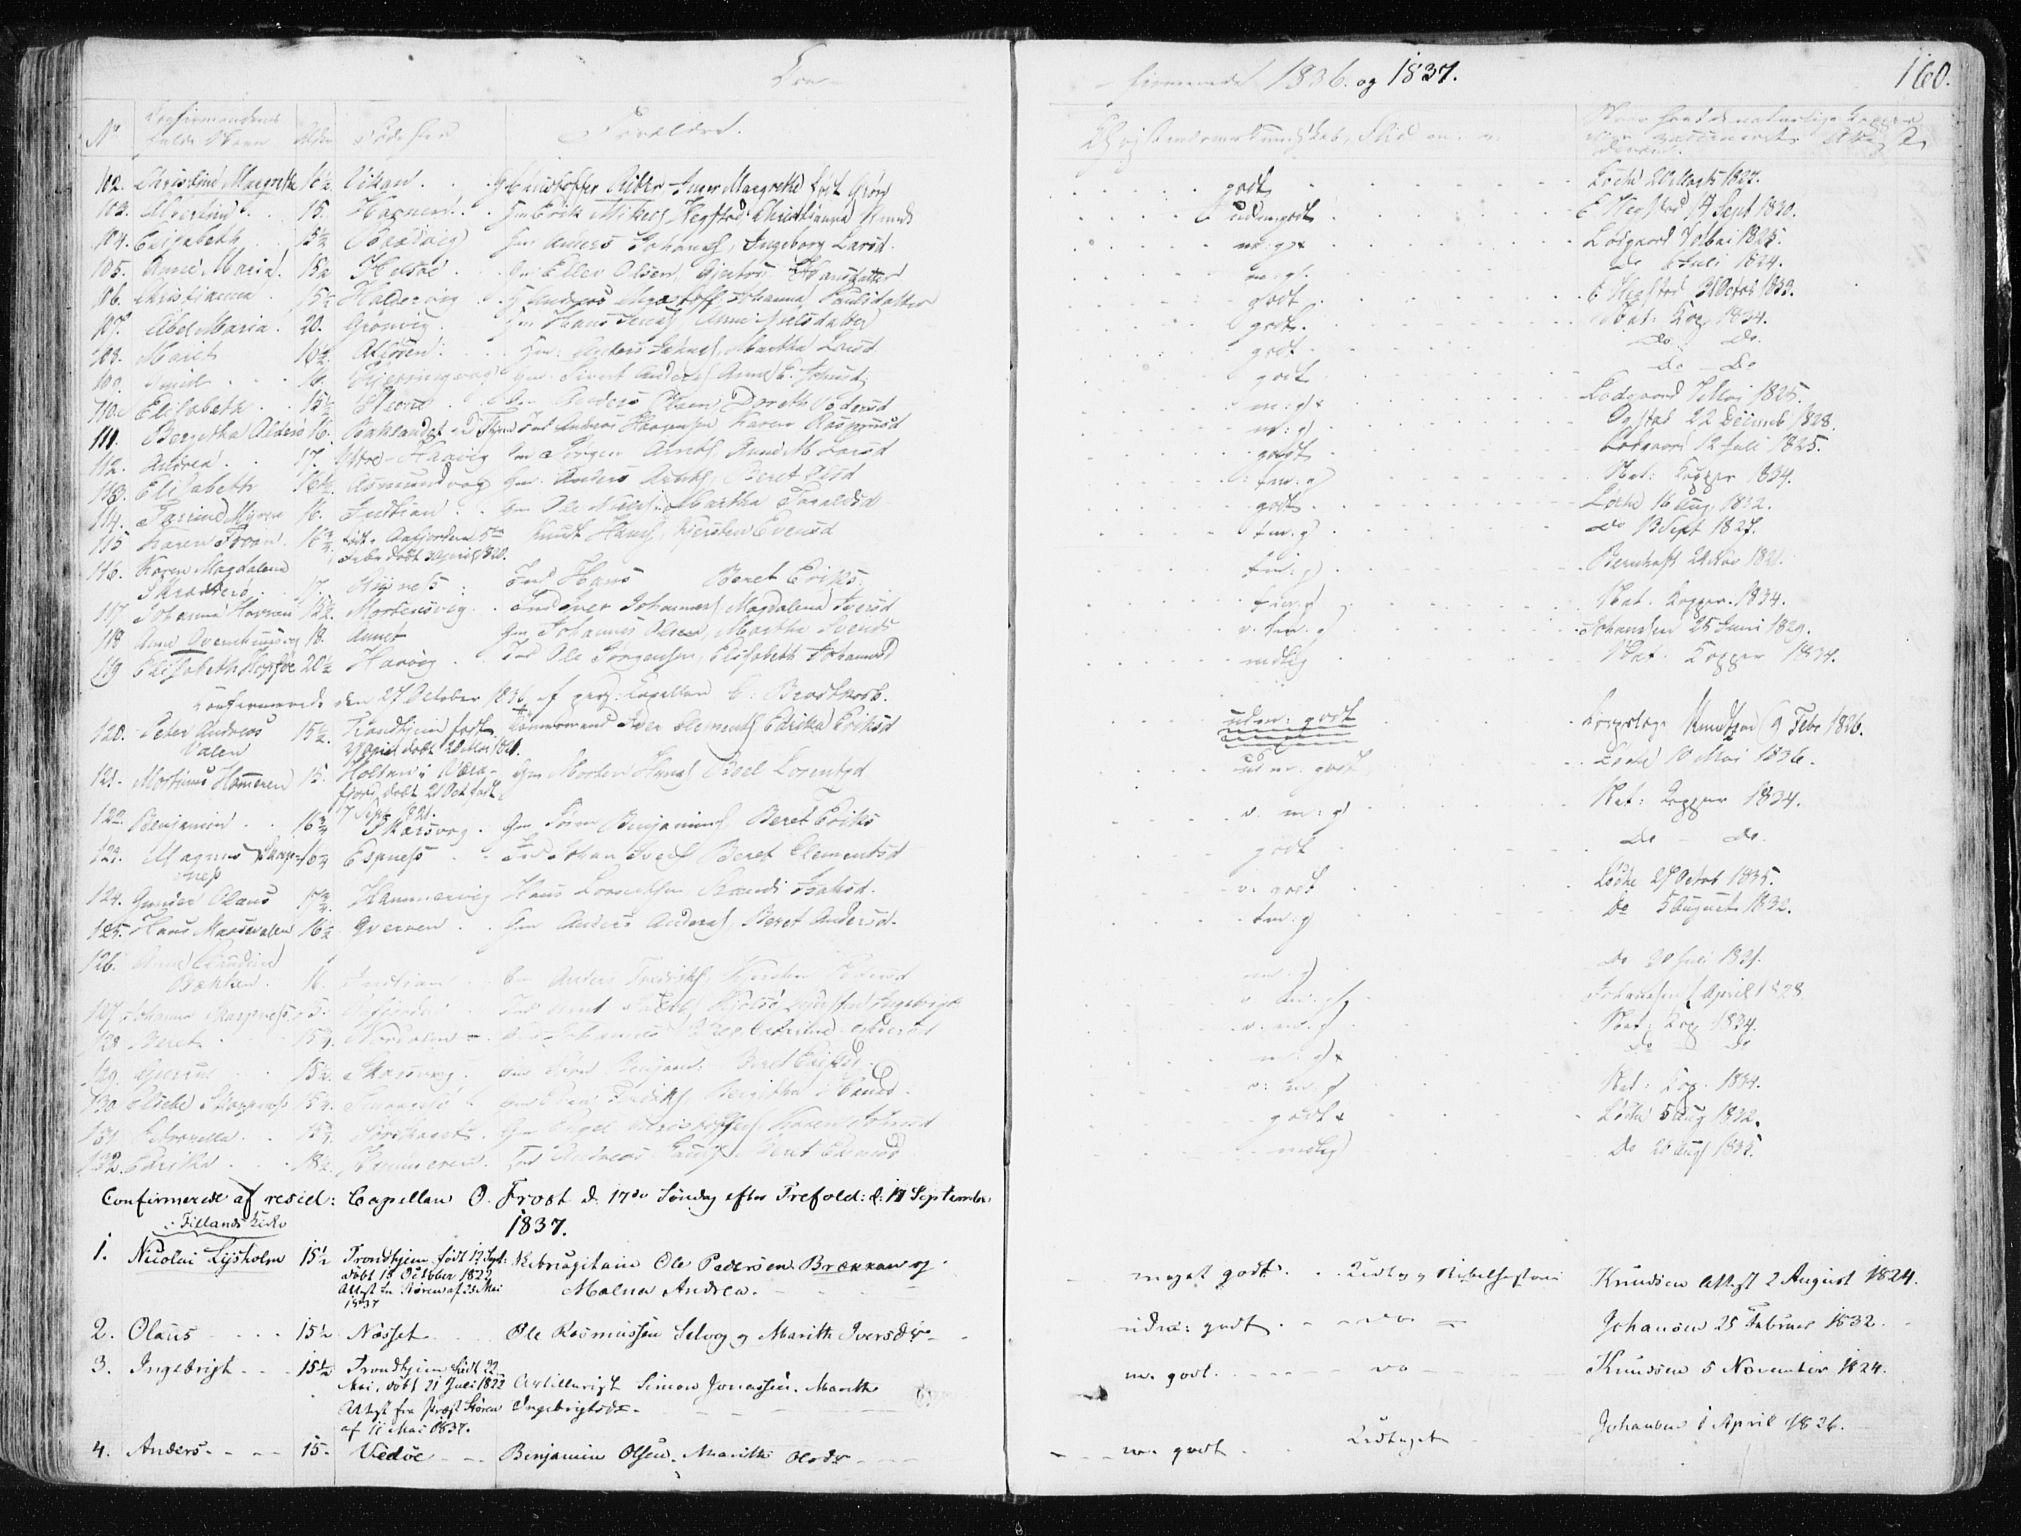 SAT, Ministerialprotokoller, klokkerbøker og fødselsregistre - Sør-Trøndelag, 634/L0528: Ministerialbok nr. 634A04, 1827-1842, s. 160